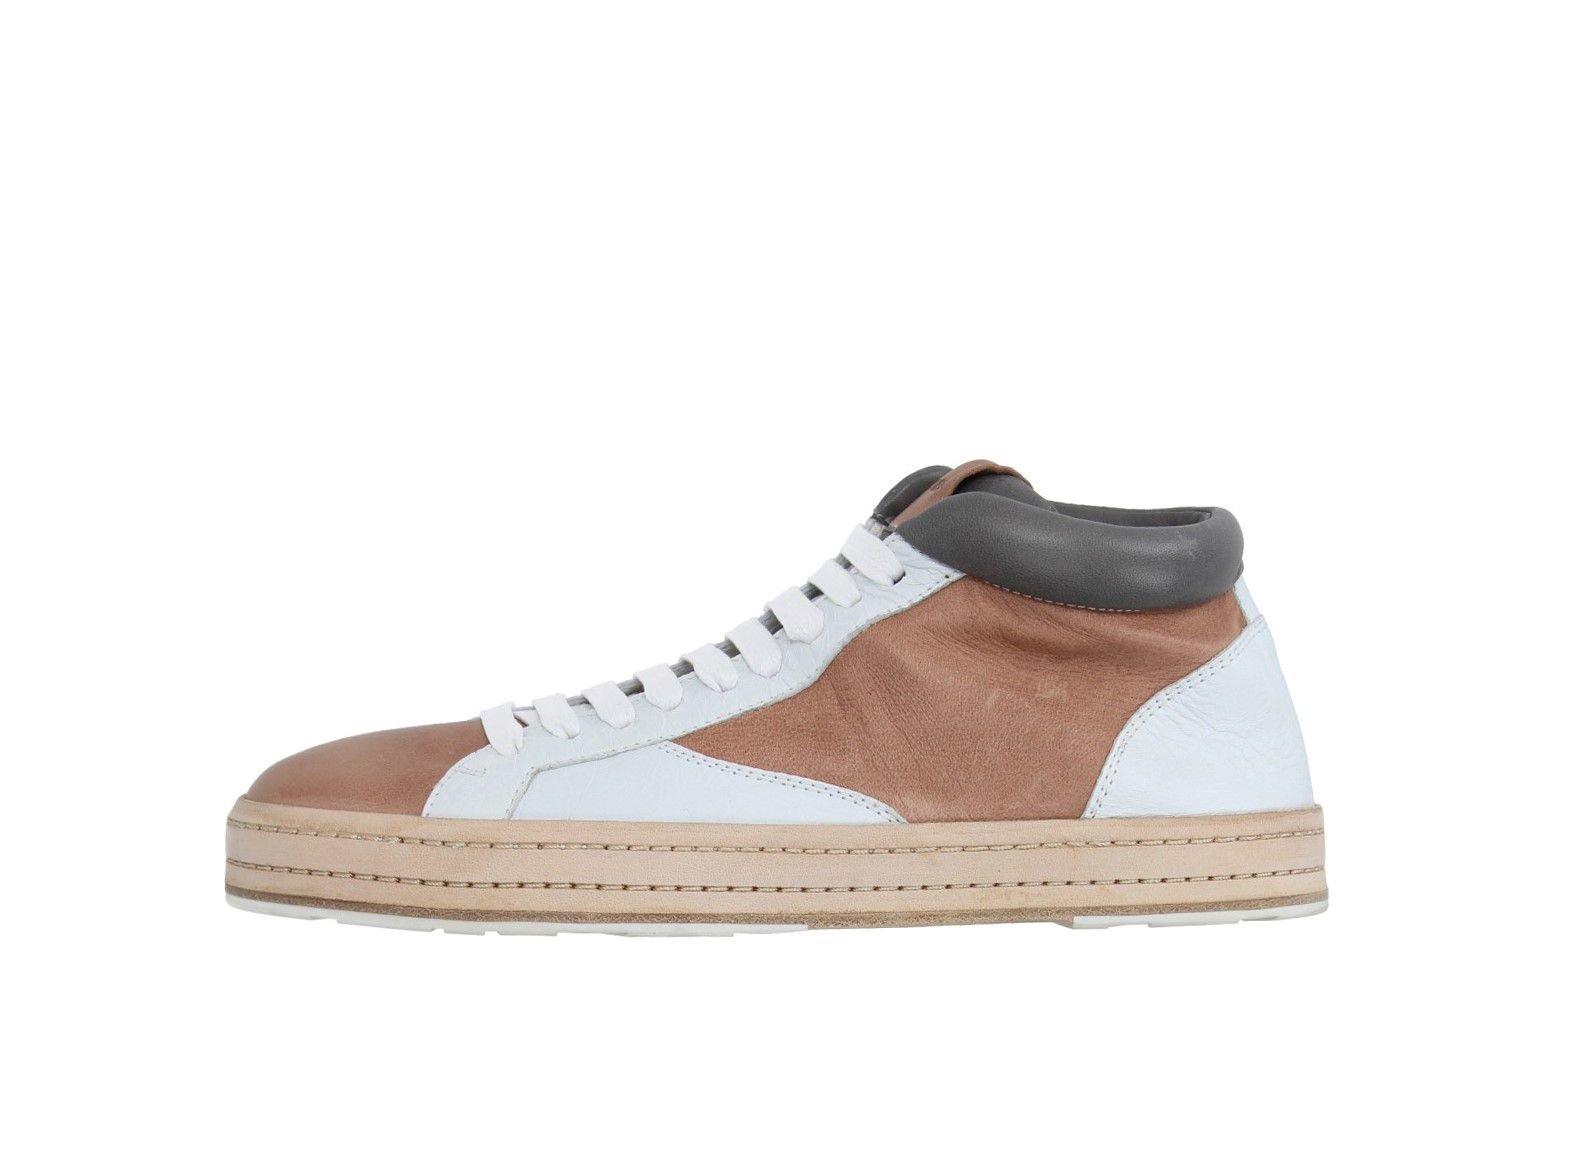 Jil Sander Leather Hi-top Sneakers 40